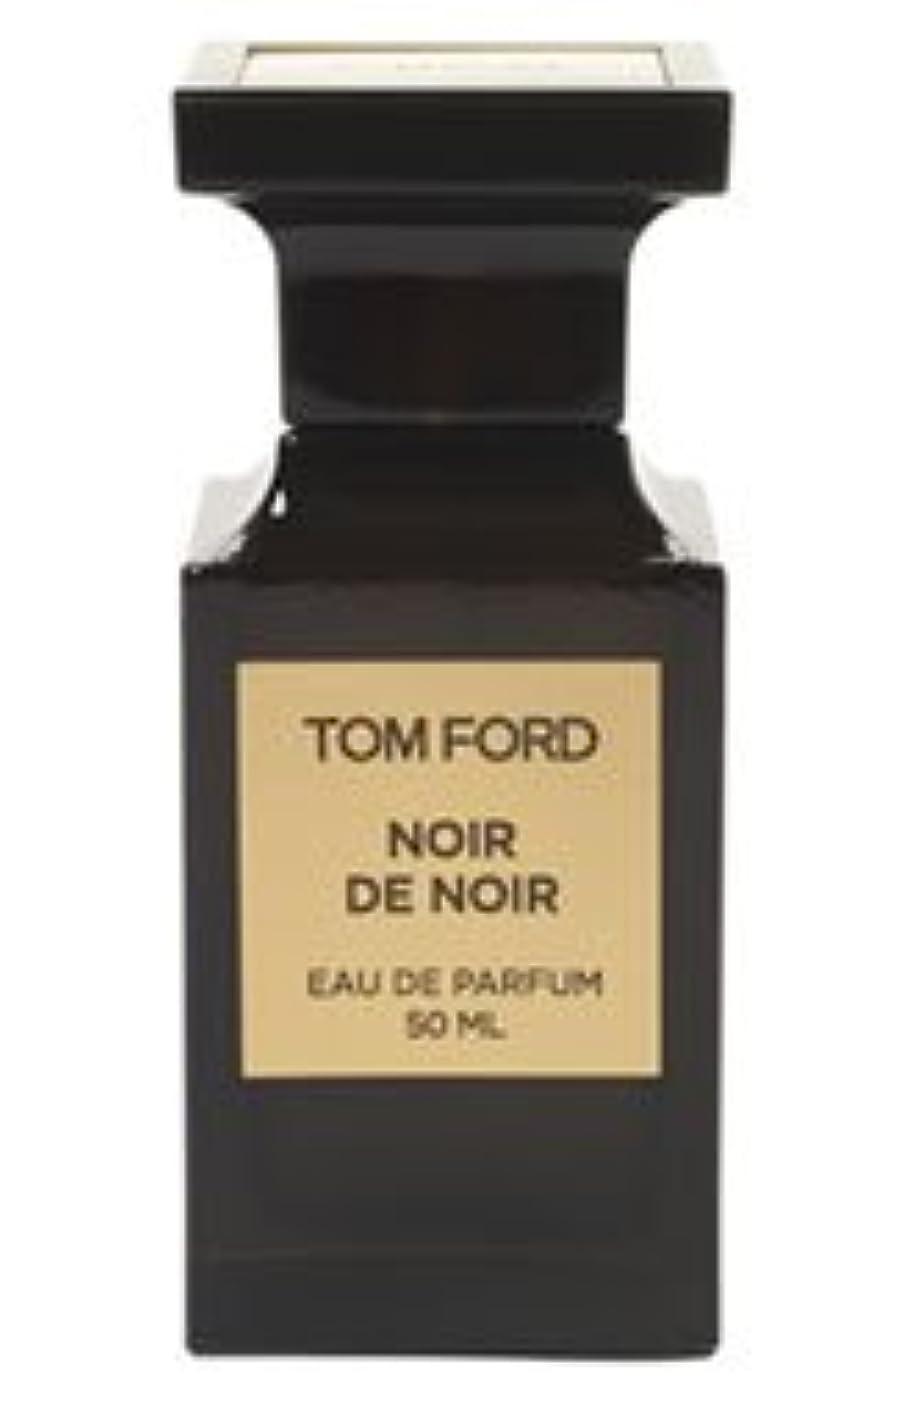 放映性格養うTom Ford Private Blend 'Noir de Noir' (トムフォード プライベートブレンド ノアーデノアー) 1.7 oz (50ml) EDP Spray